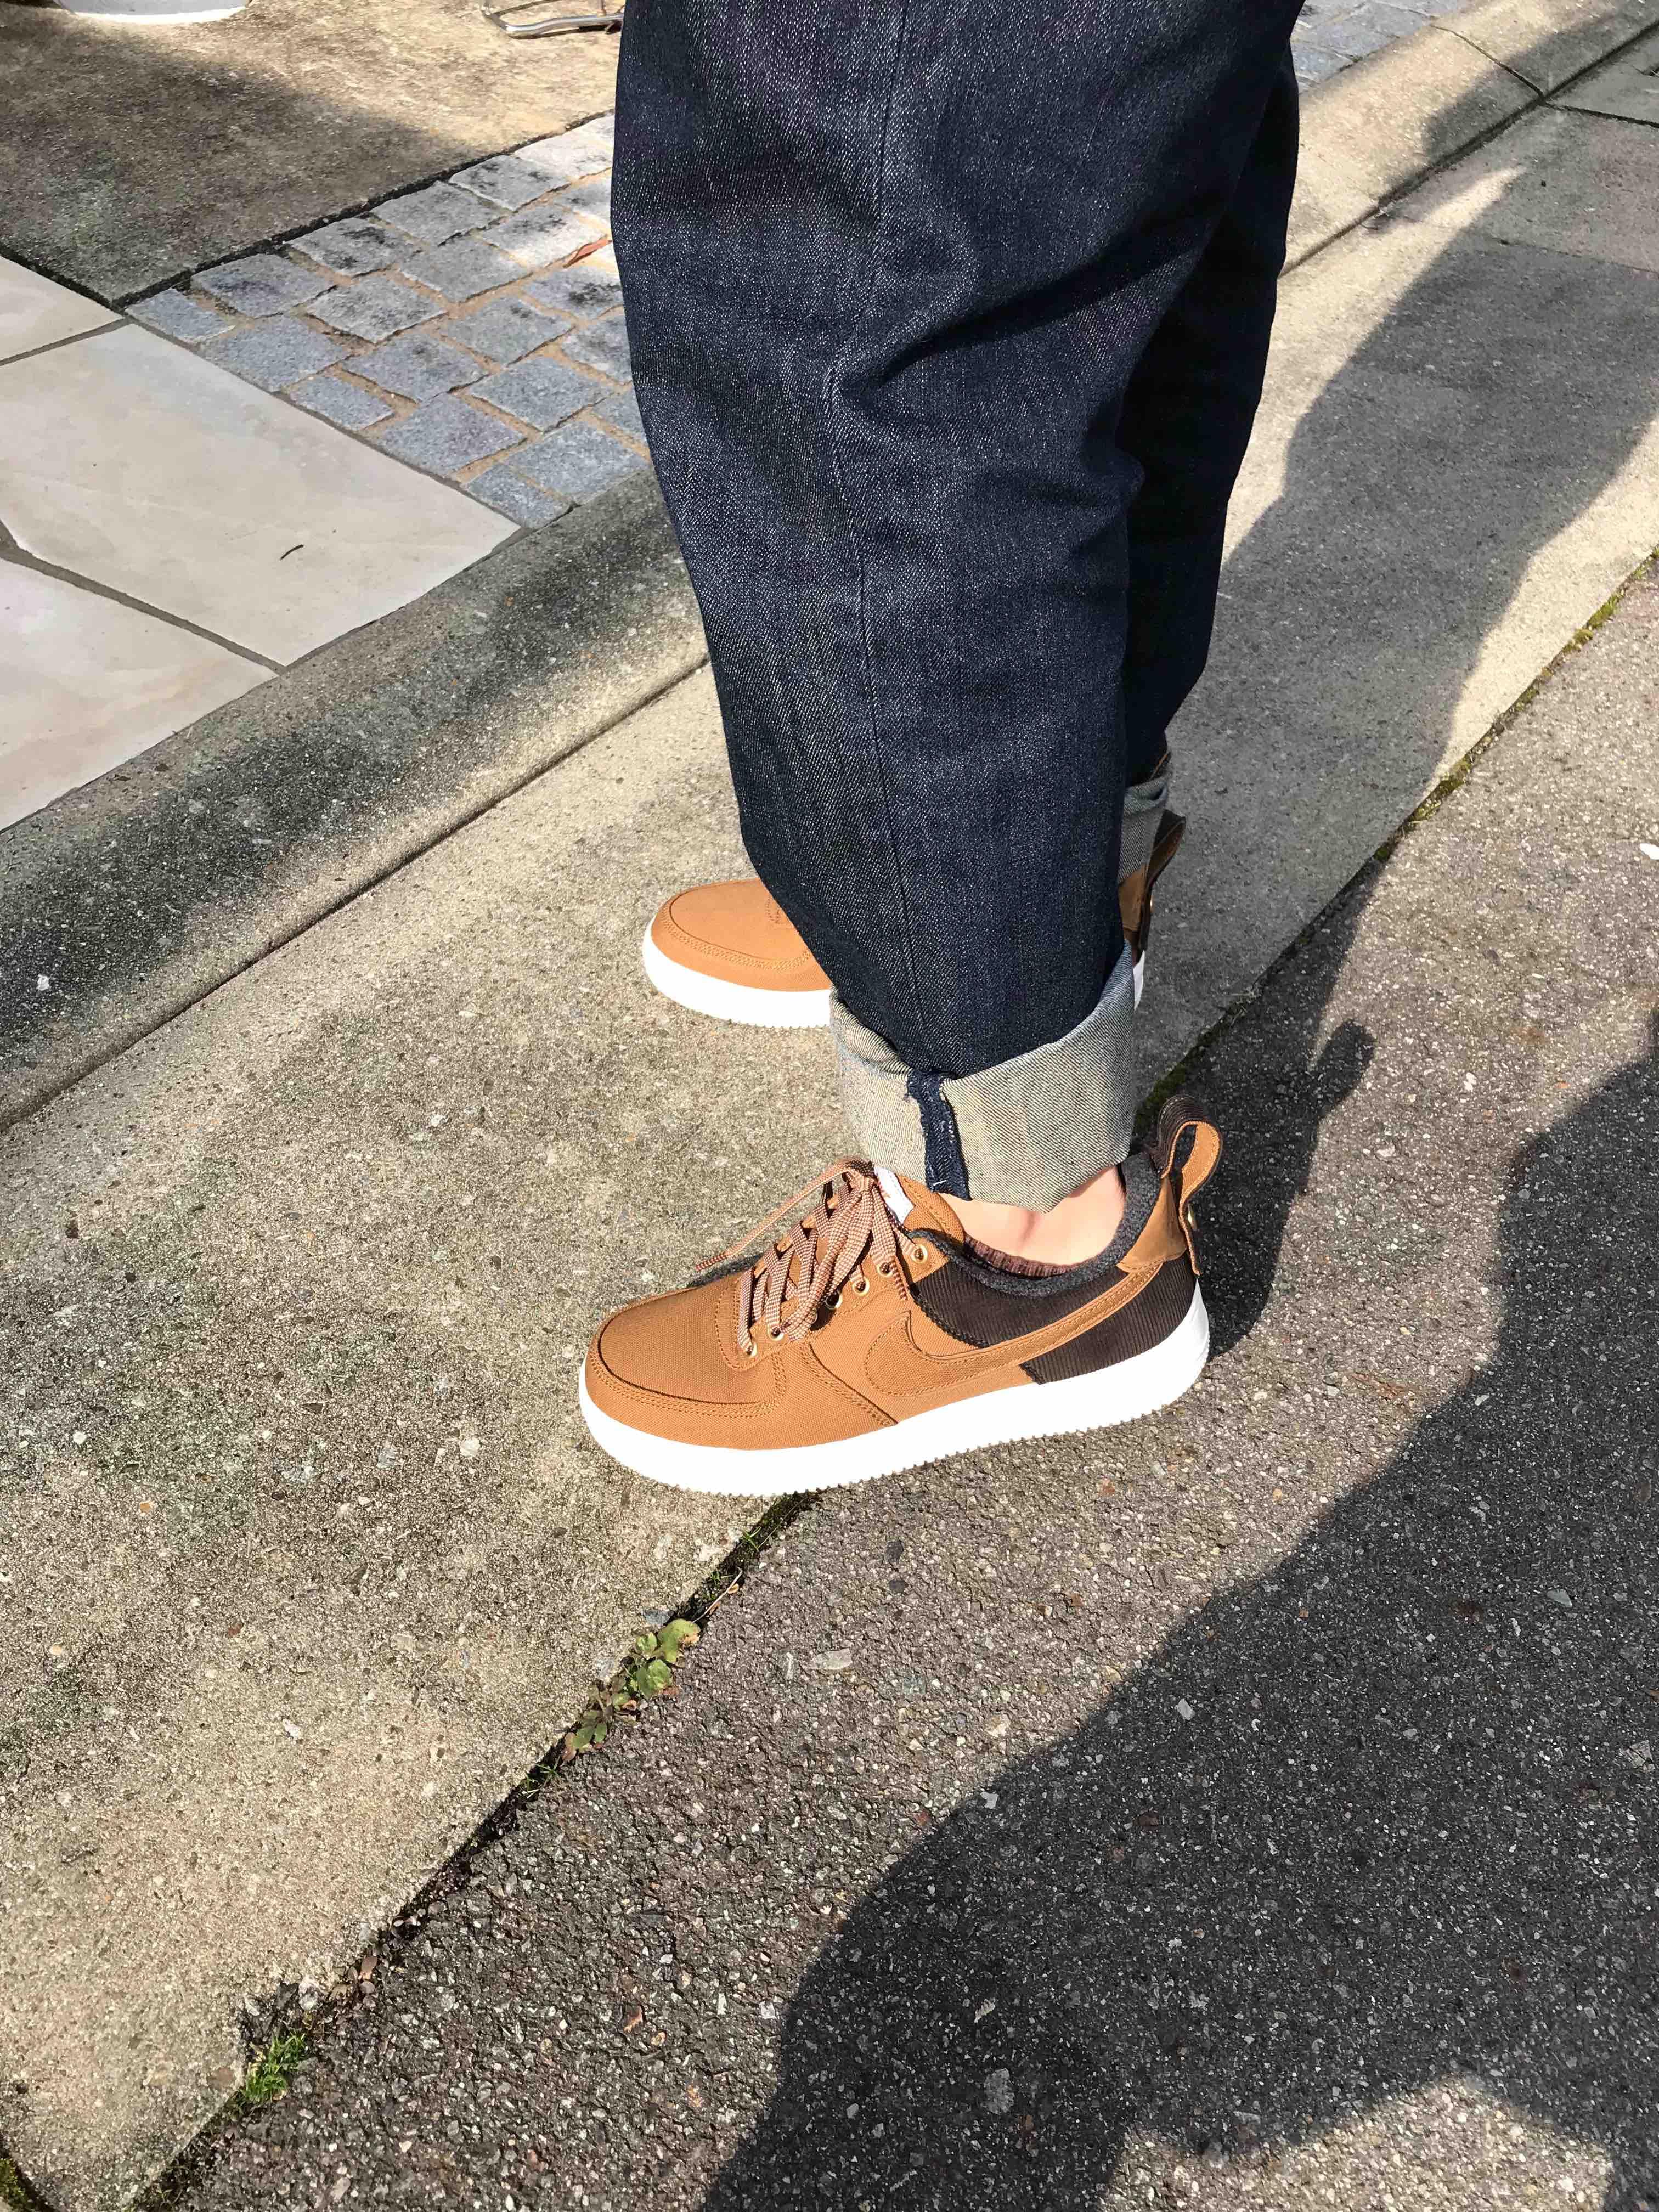 #初履き #カーハート  今年初履きで、やっとおろした。 やっぱ新しい靴は